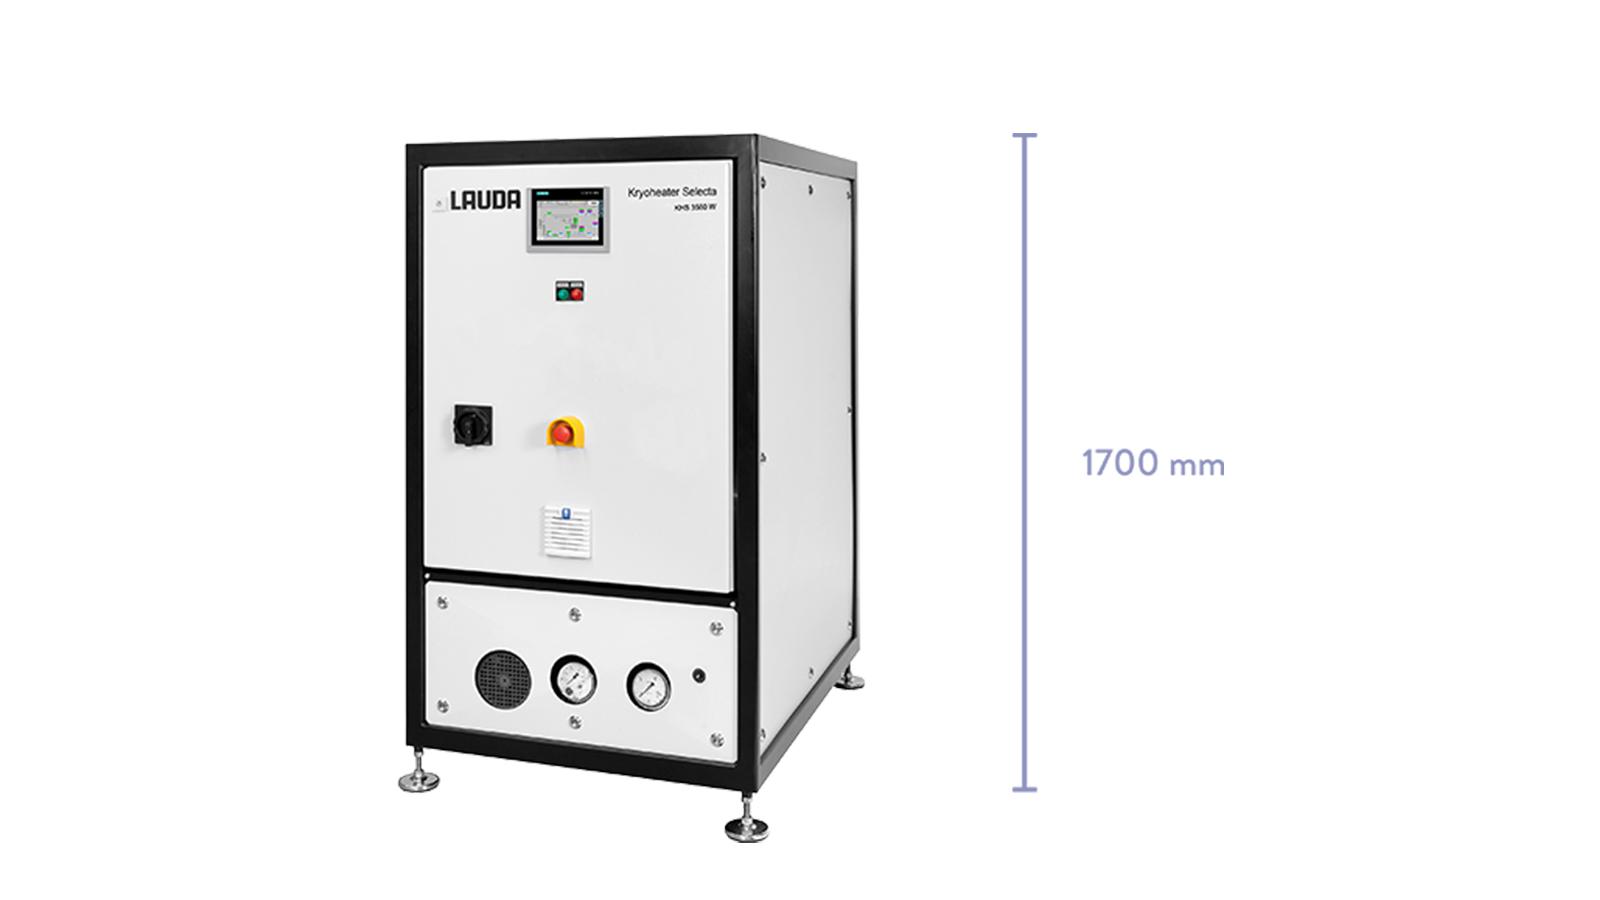 Kryoheater Proses Termostatı    Merlab Laboratuvar Ekipmanları